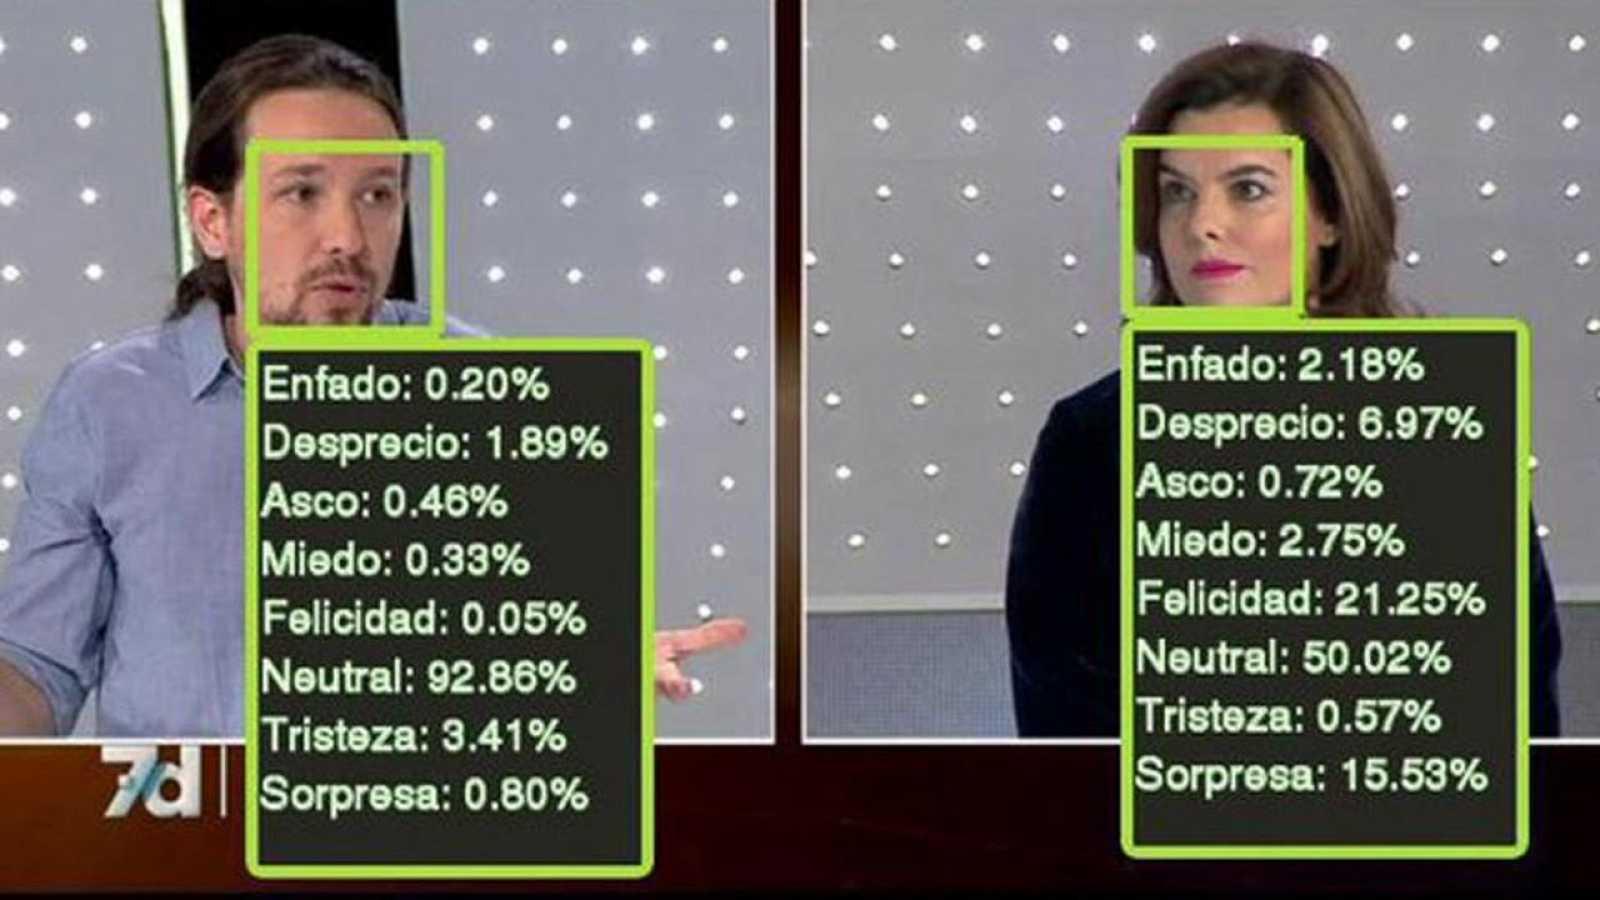 Hoy empieza todo con Marta Echeverría - Emoticrítico político - 15/12/15